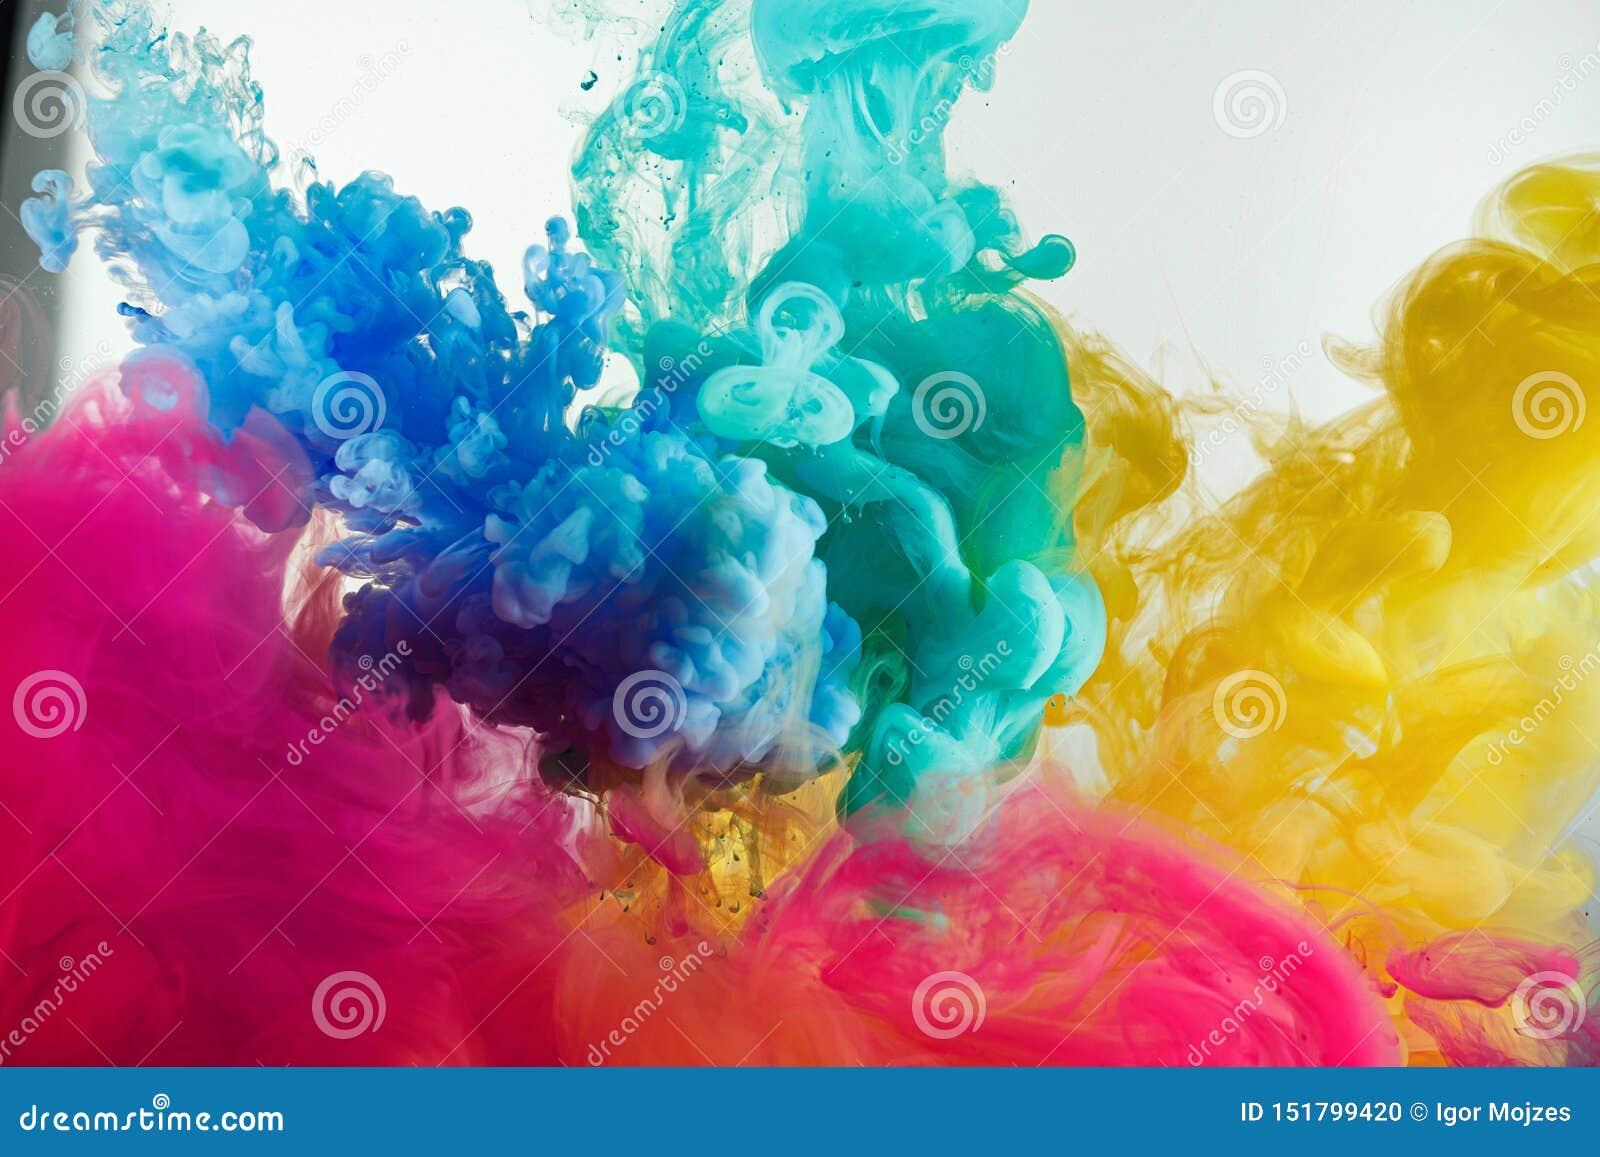 De kleurenplons van de inktregenboog in water